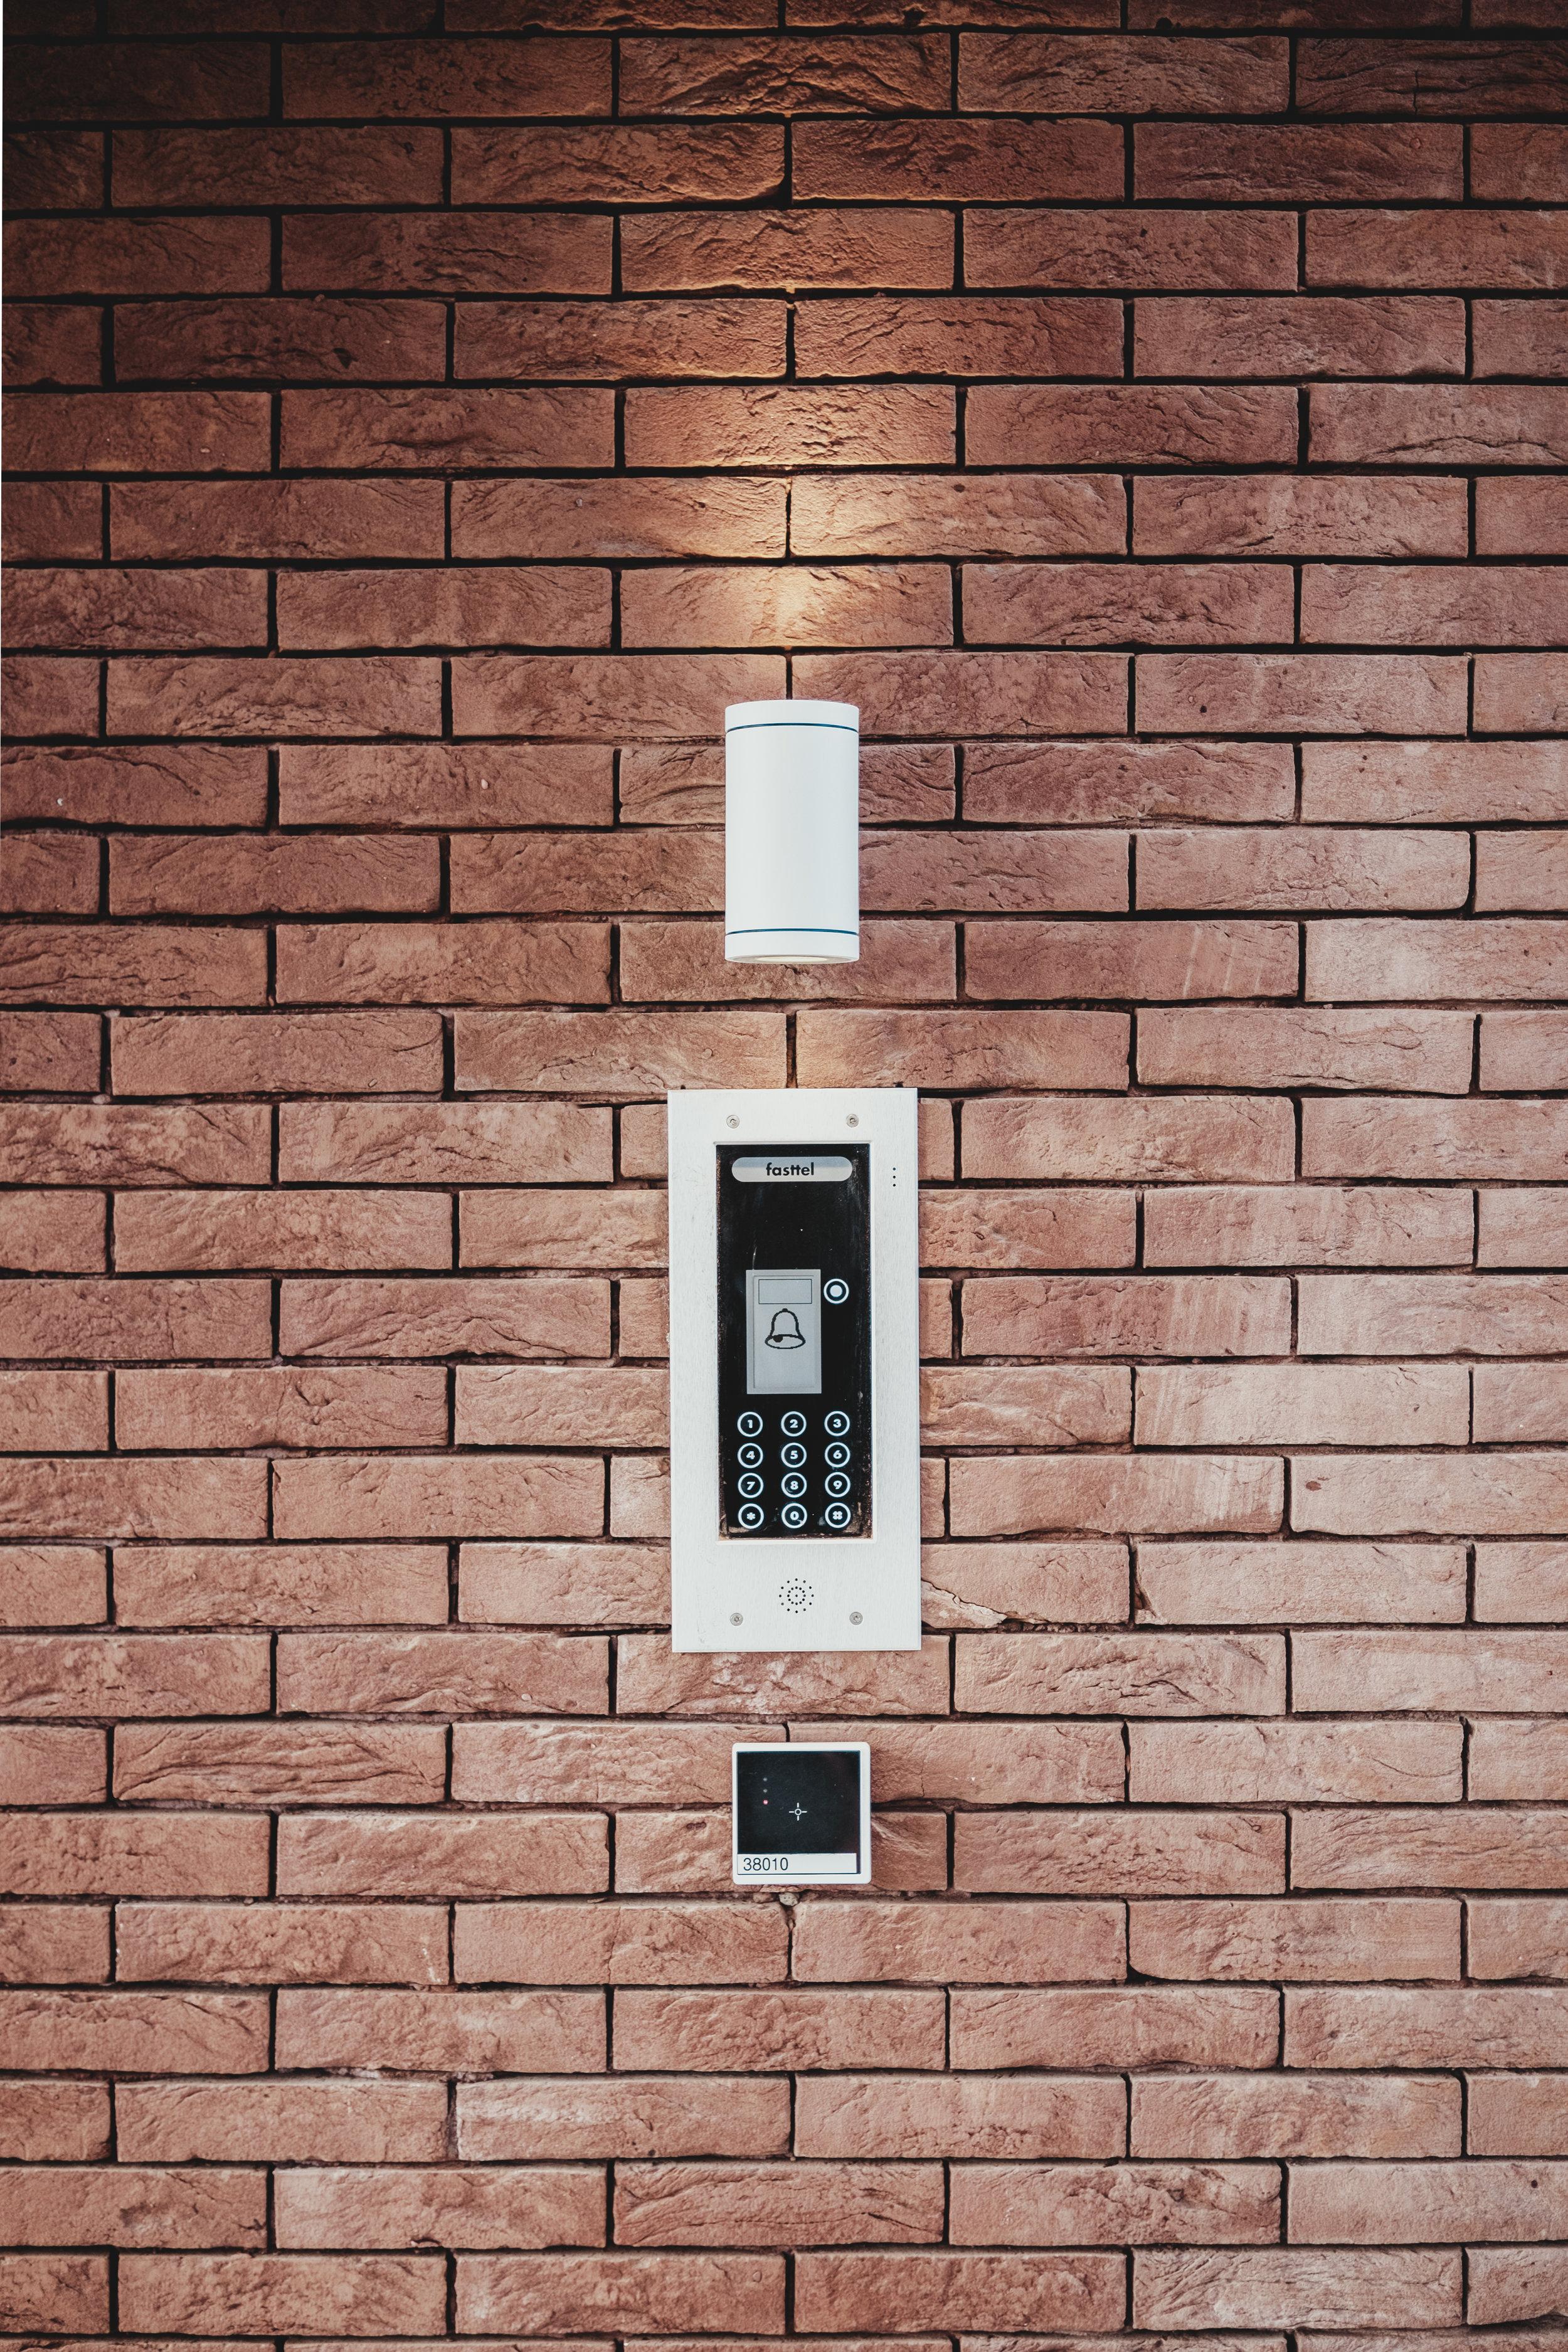 Veiligheid - Slimme intercom met deurslot